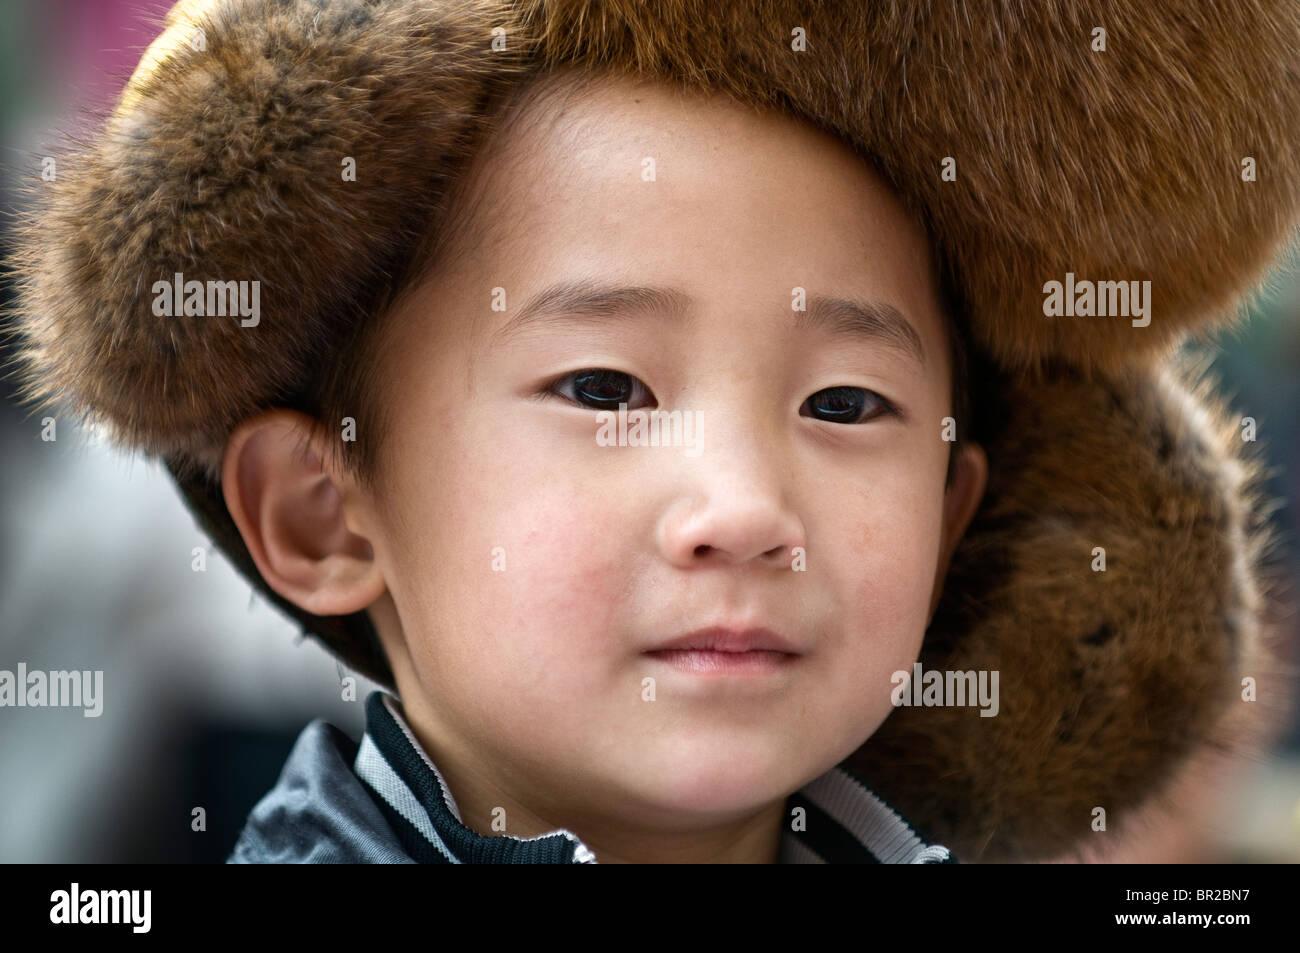 Tibetano etnica giovane ragazzo che indossa il cappuccio di pelliccia  frequentare il ballo folk e musica 73e69ea3d152